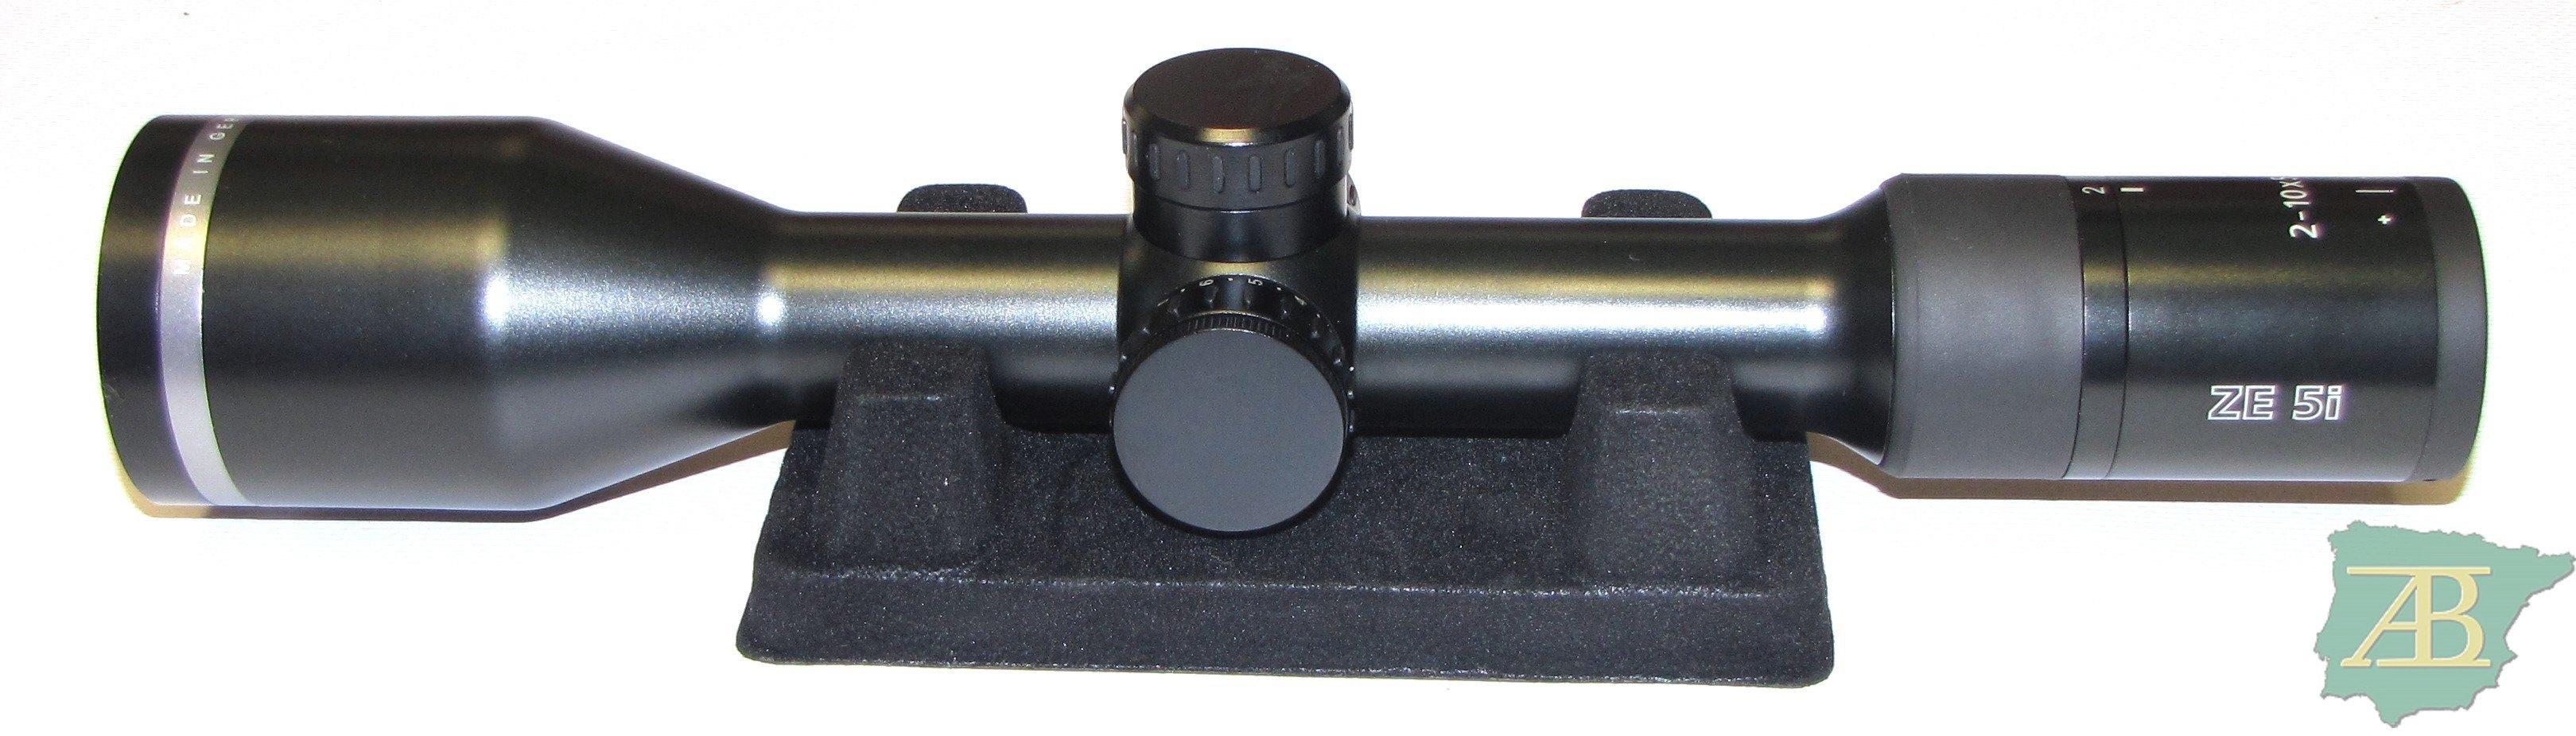 MINOX ZE 5i 2-10X50 RI